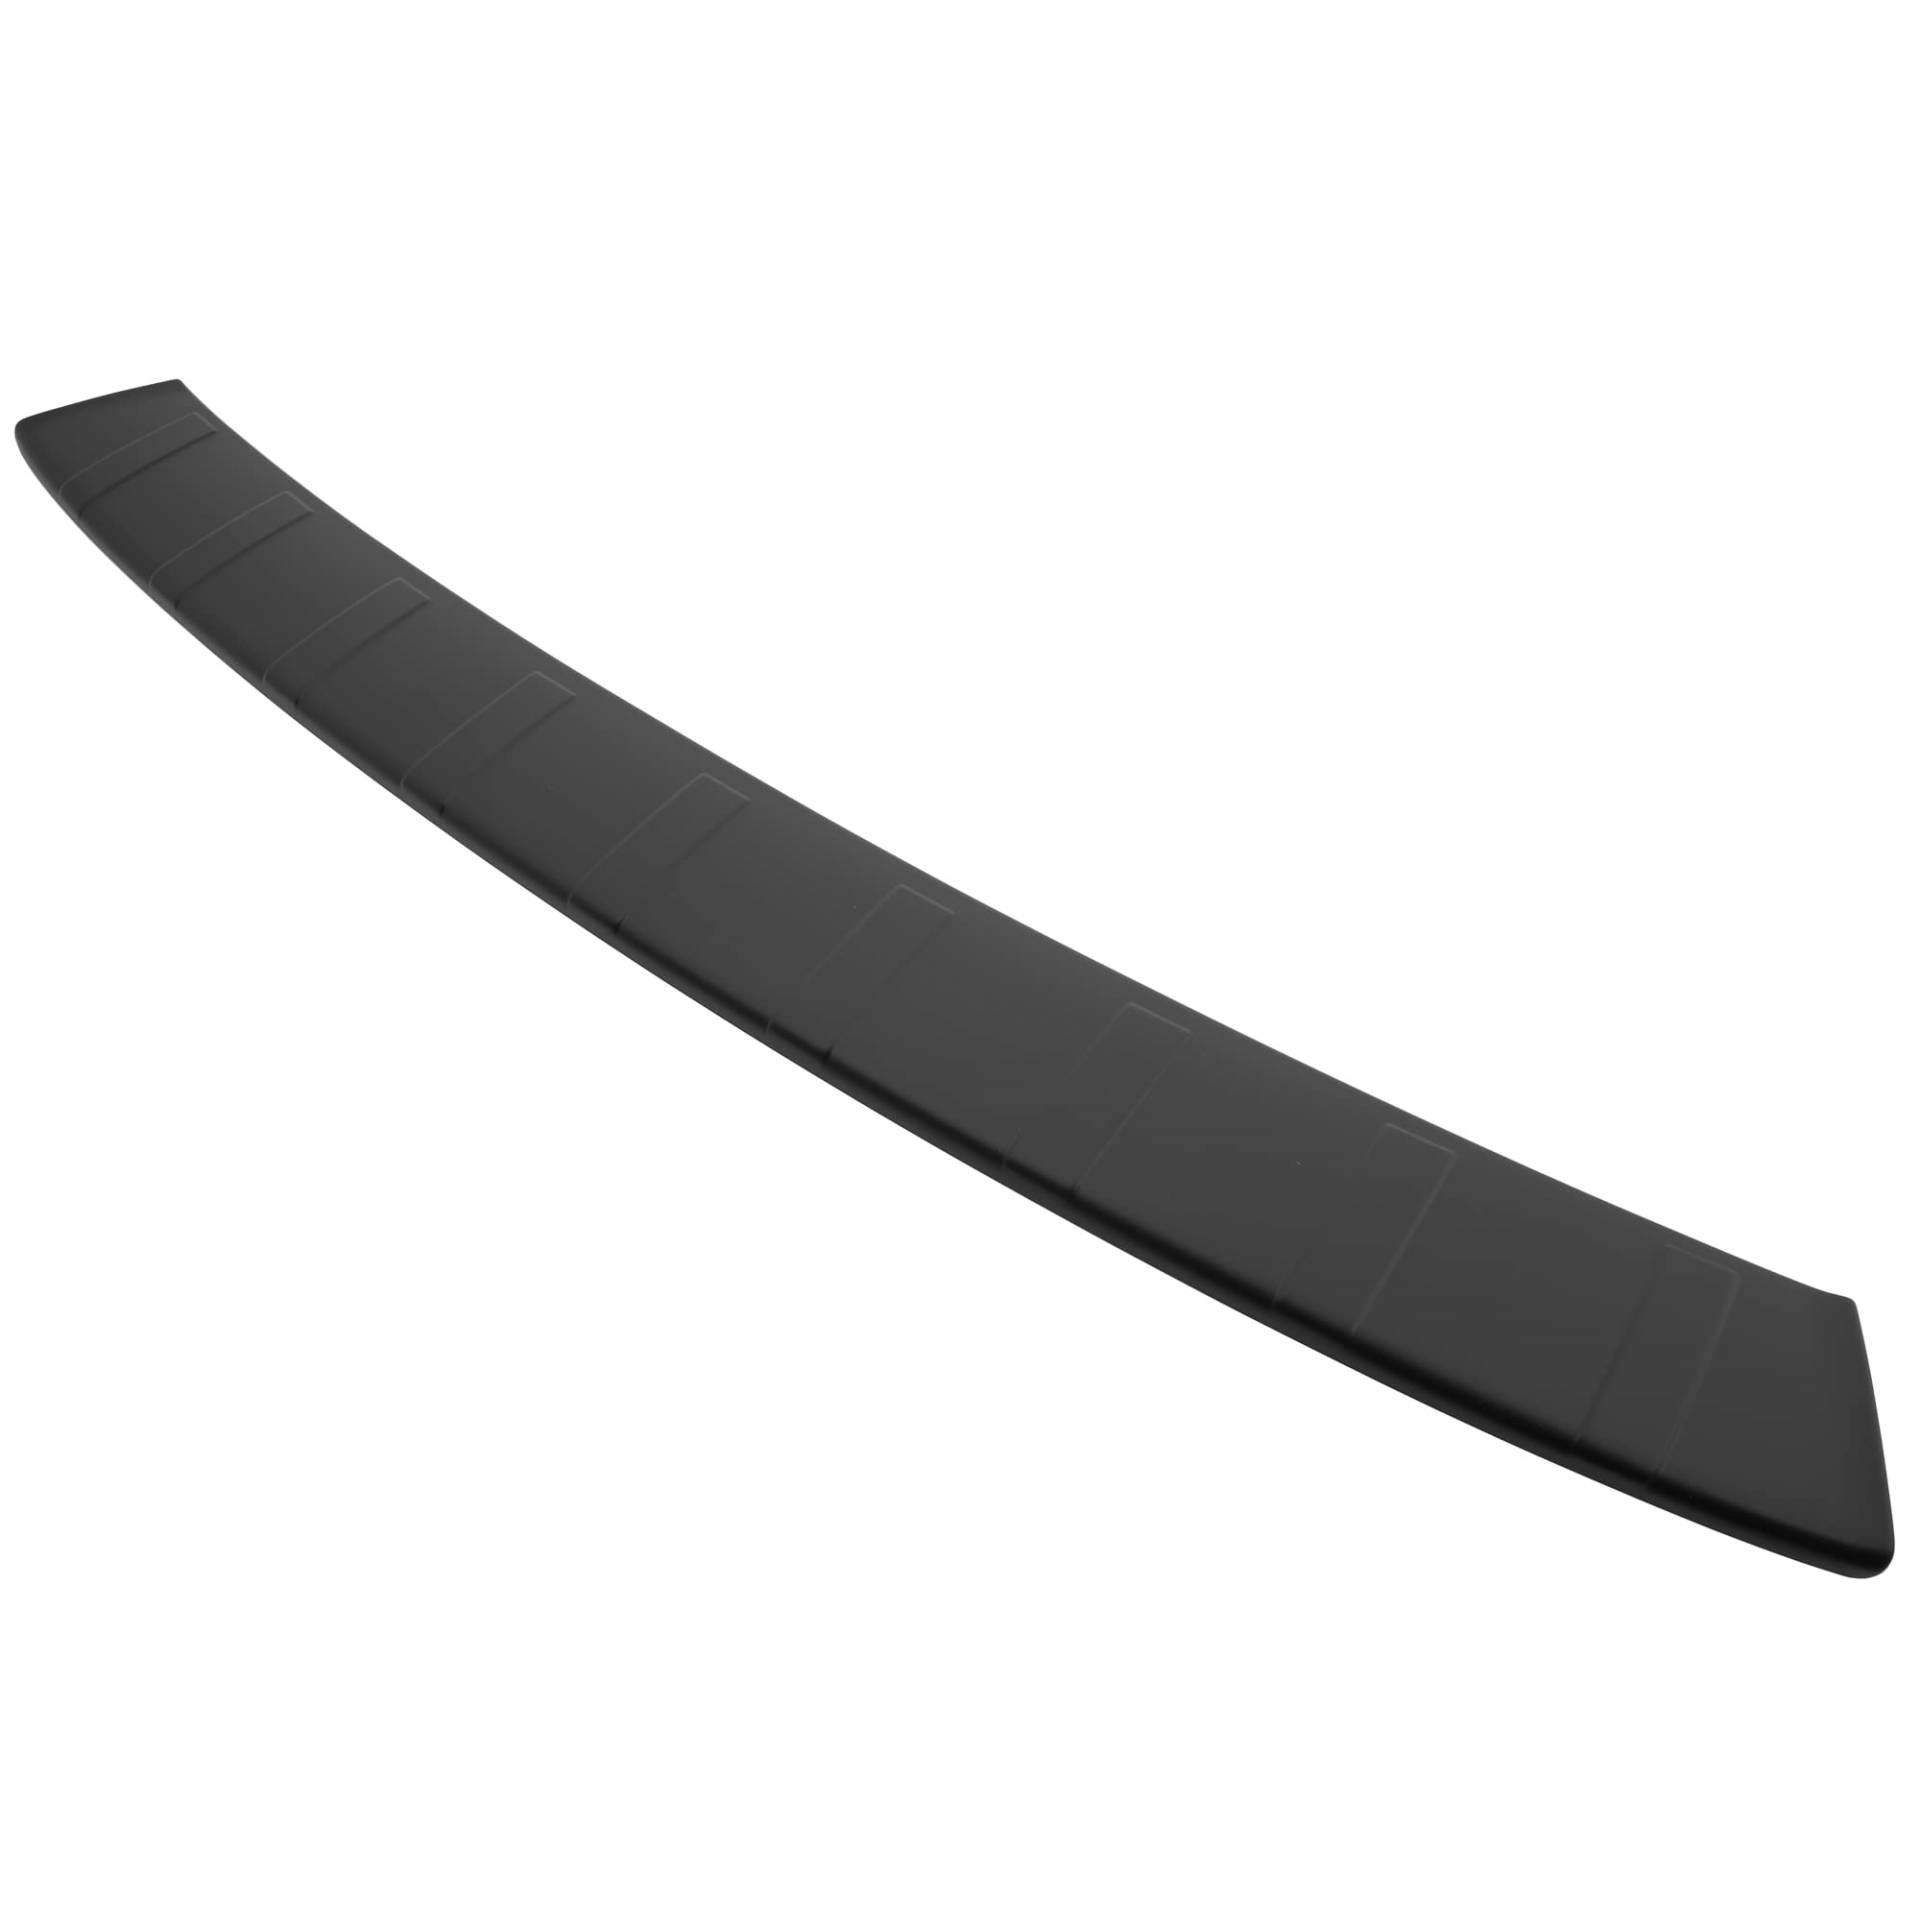 Aroba AR860 Ladekantenschutz kompatibel f/ür Hyundai Tucson ab BJ 05.2015 bis 07.2018 Sto/ßstangenschutz passgenau mit Abkantung ABS Farbe schwarz